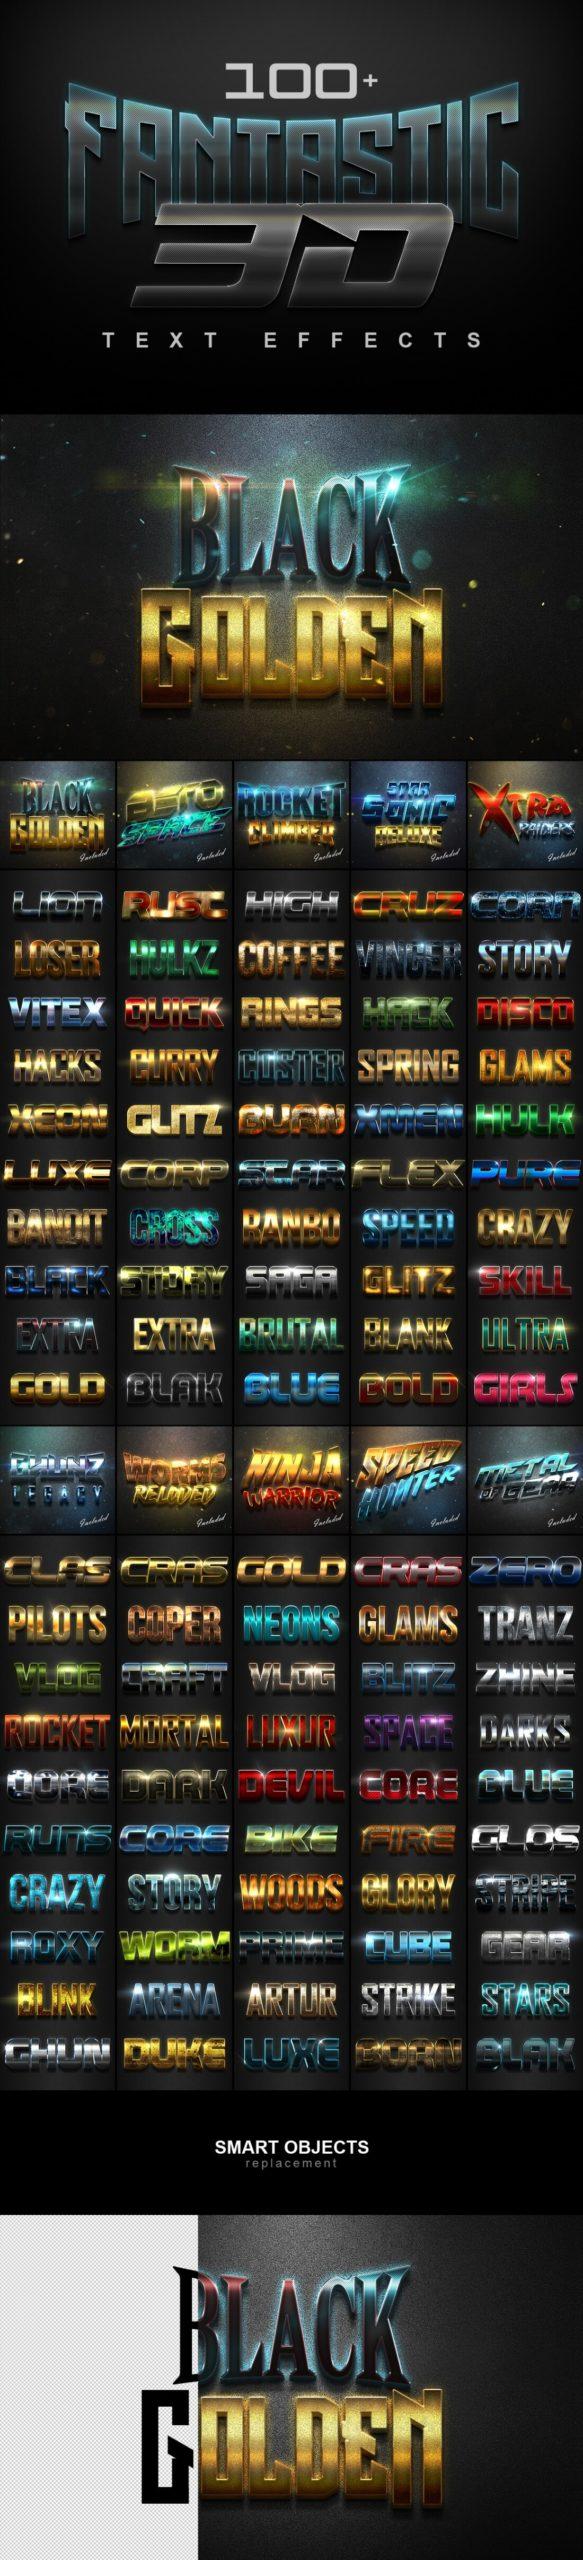 900多款3D立体金属质感标题Logo设计PS文字样式模板 900 Premium Photoshop Text Effects插图1